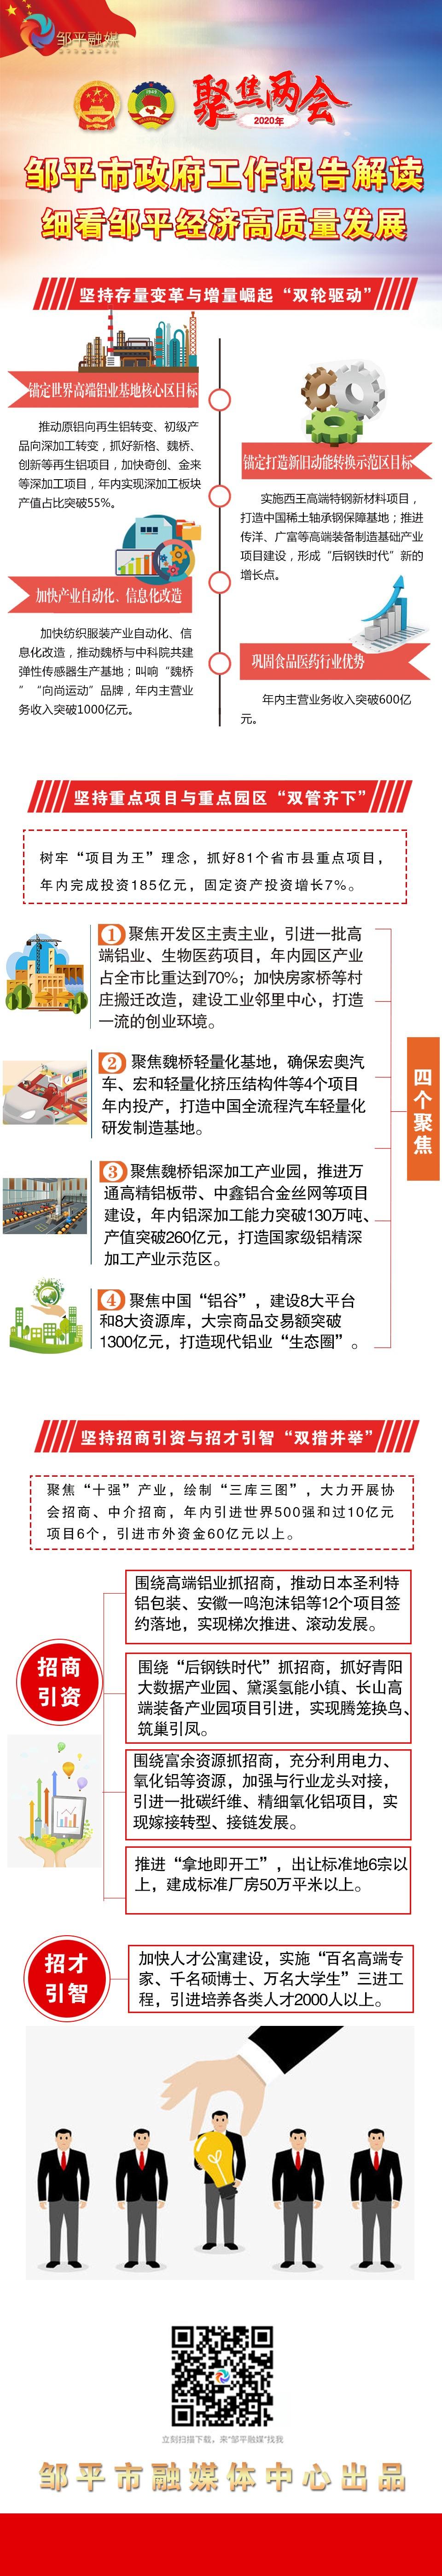 细看邹平经济高质量发展――邹平市政府工作报告解读